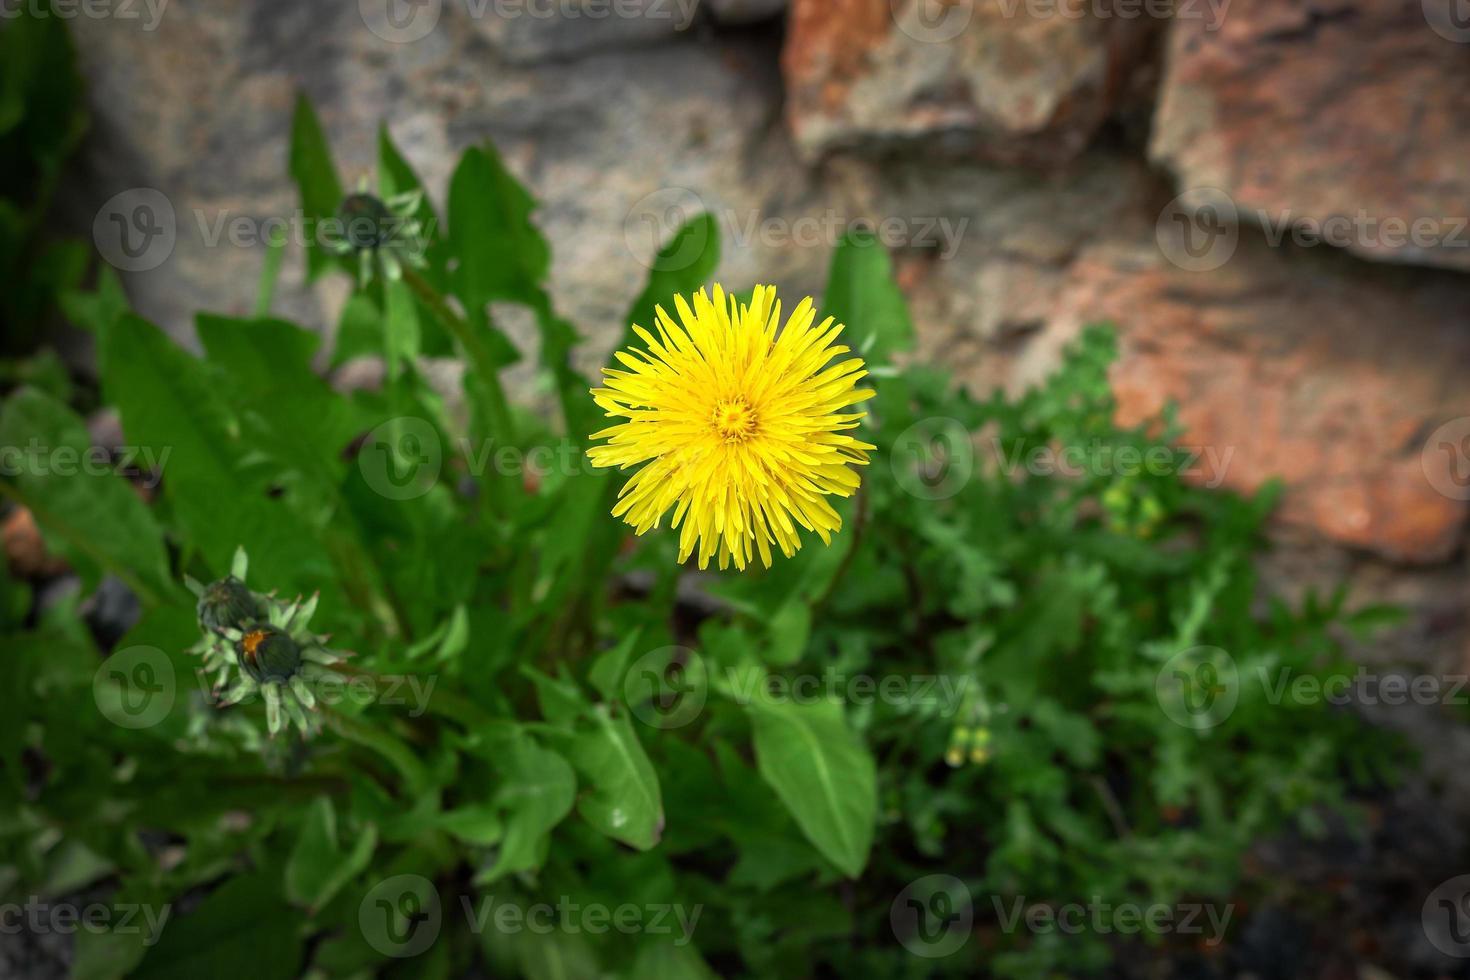 dente di leone giallo che fiorisce nell'erba verde vicino al muro di mattoni rossi foto